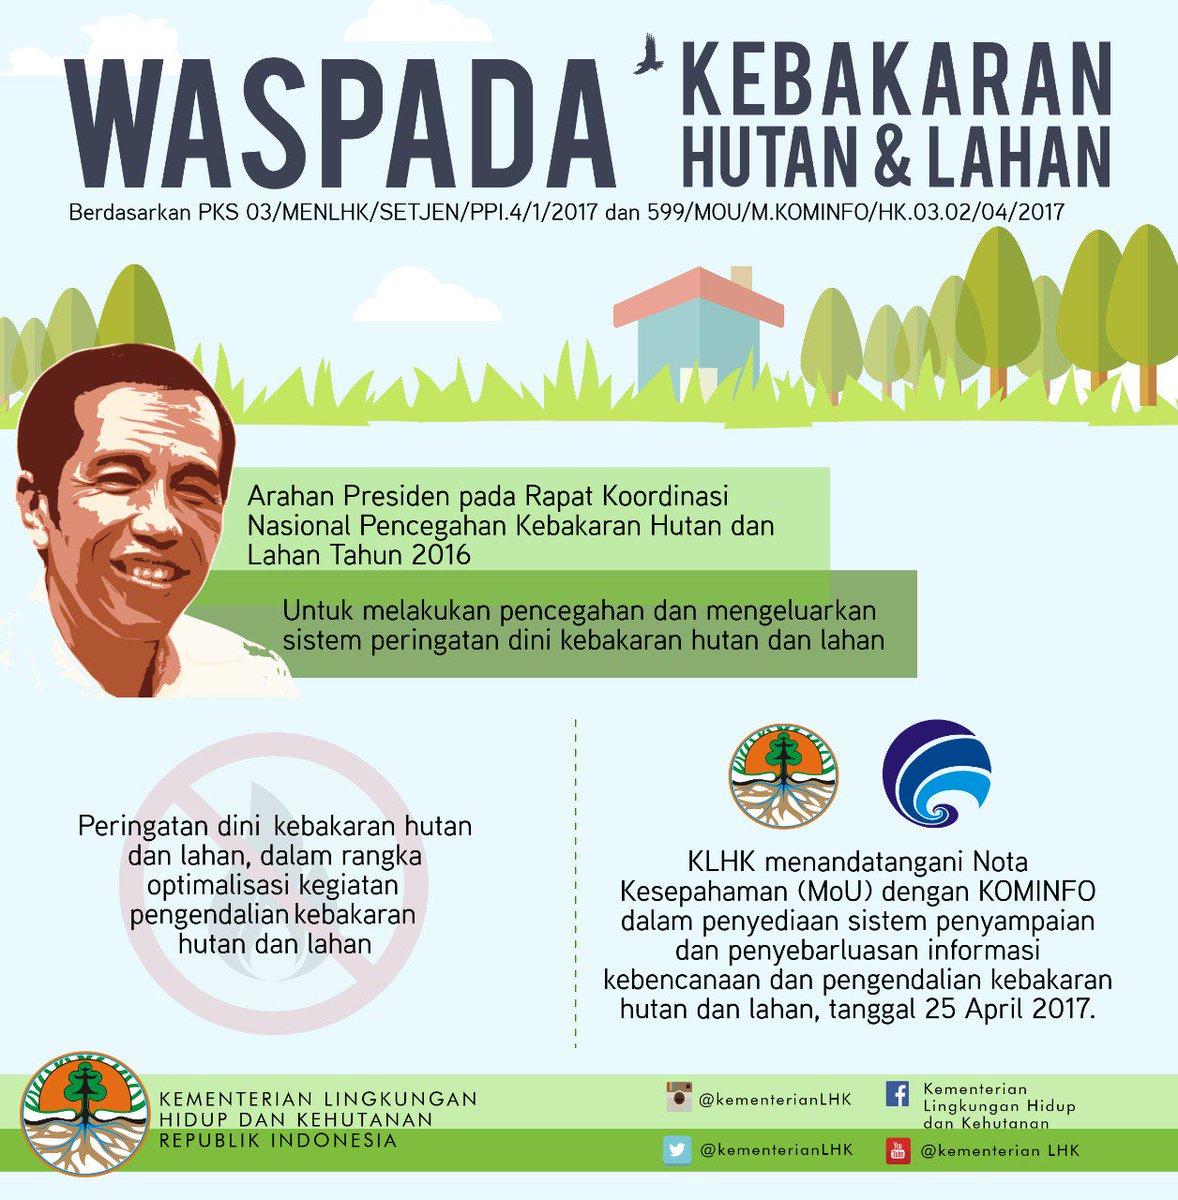 1. Upaya untuk #CegahKebakaranHutan & #CegahKebakaranLahan terus dilakukan oleh pemerintah. Salah satunya melalui SMS blast yang dikirimkan oleh penyedia layanan komunikasi keseluruh Indonesia.pic.twitter.com/62yxDRnVRN